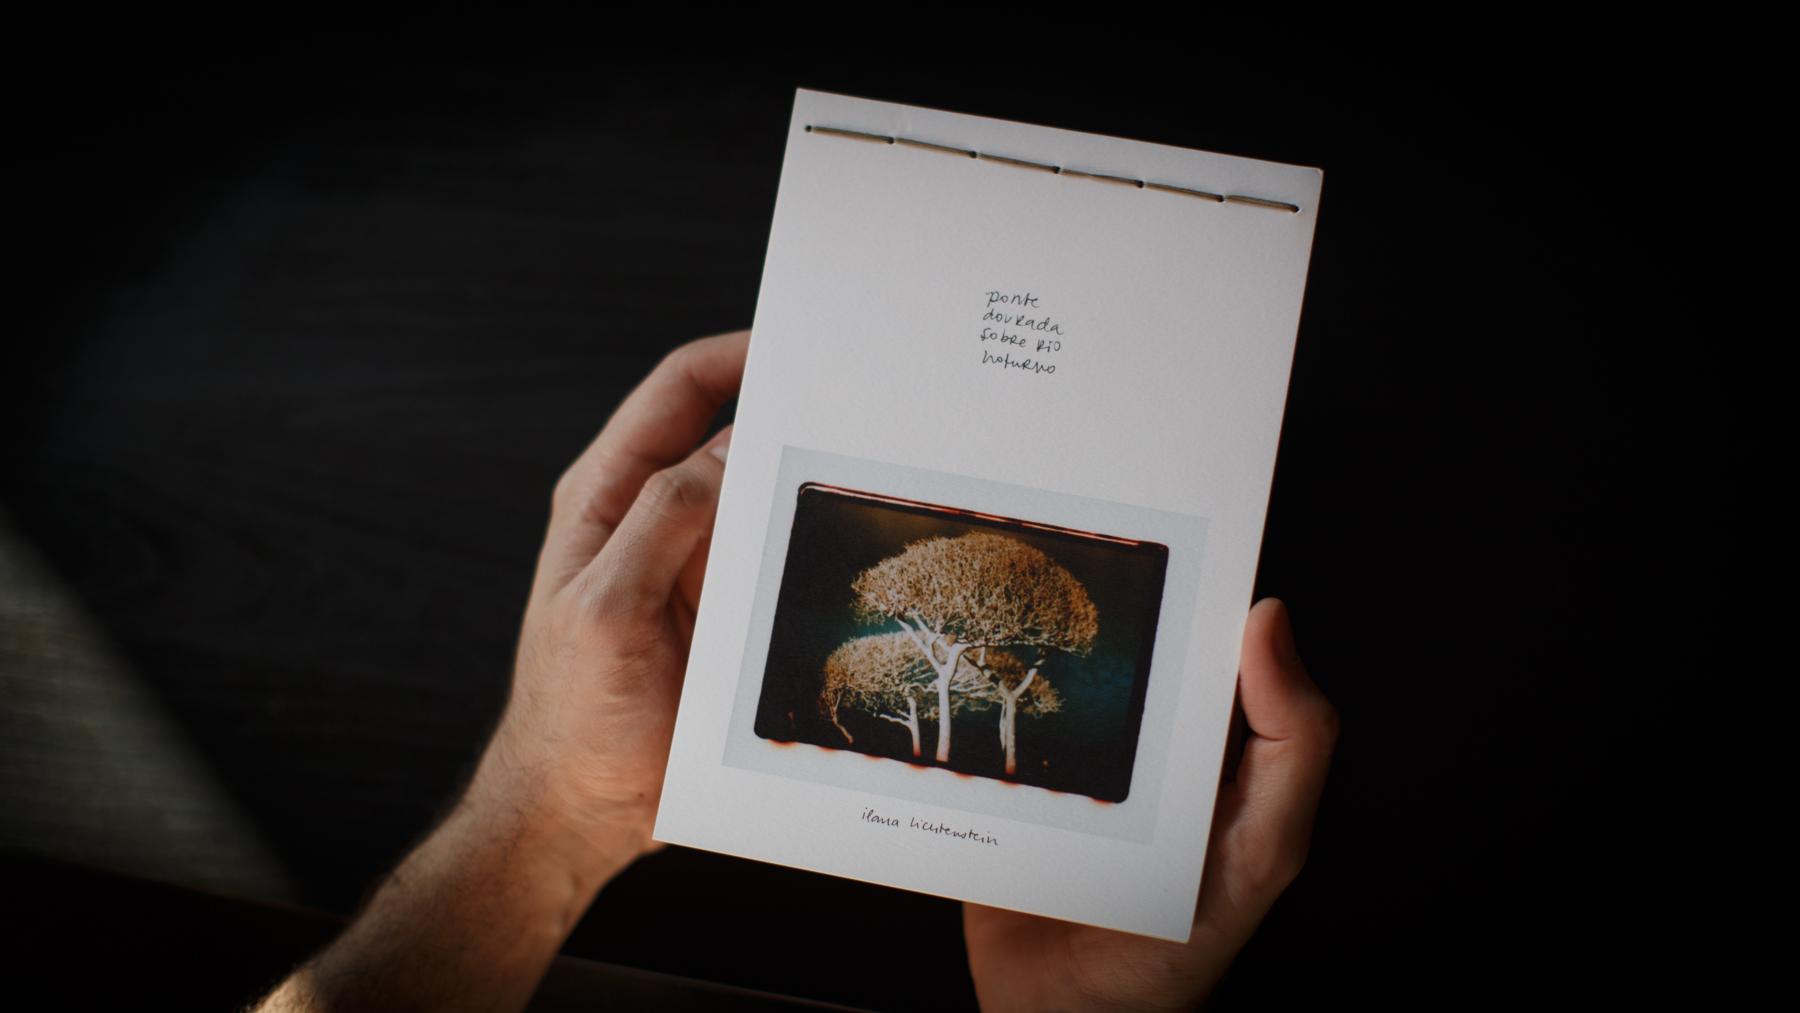 livro_ponte_dourada_sobre_rio_noturno-2.jpg